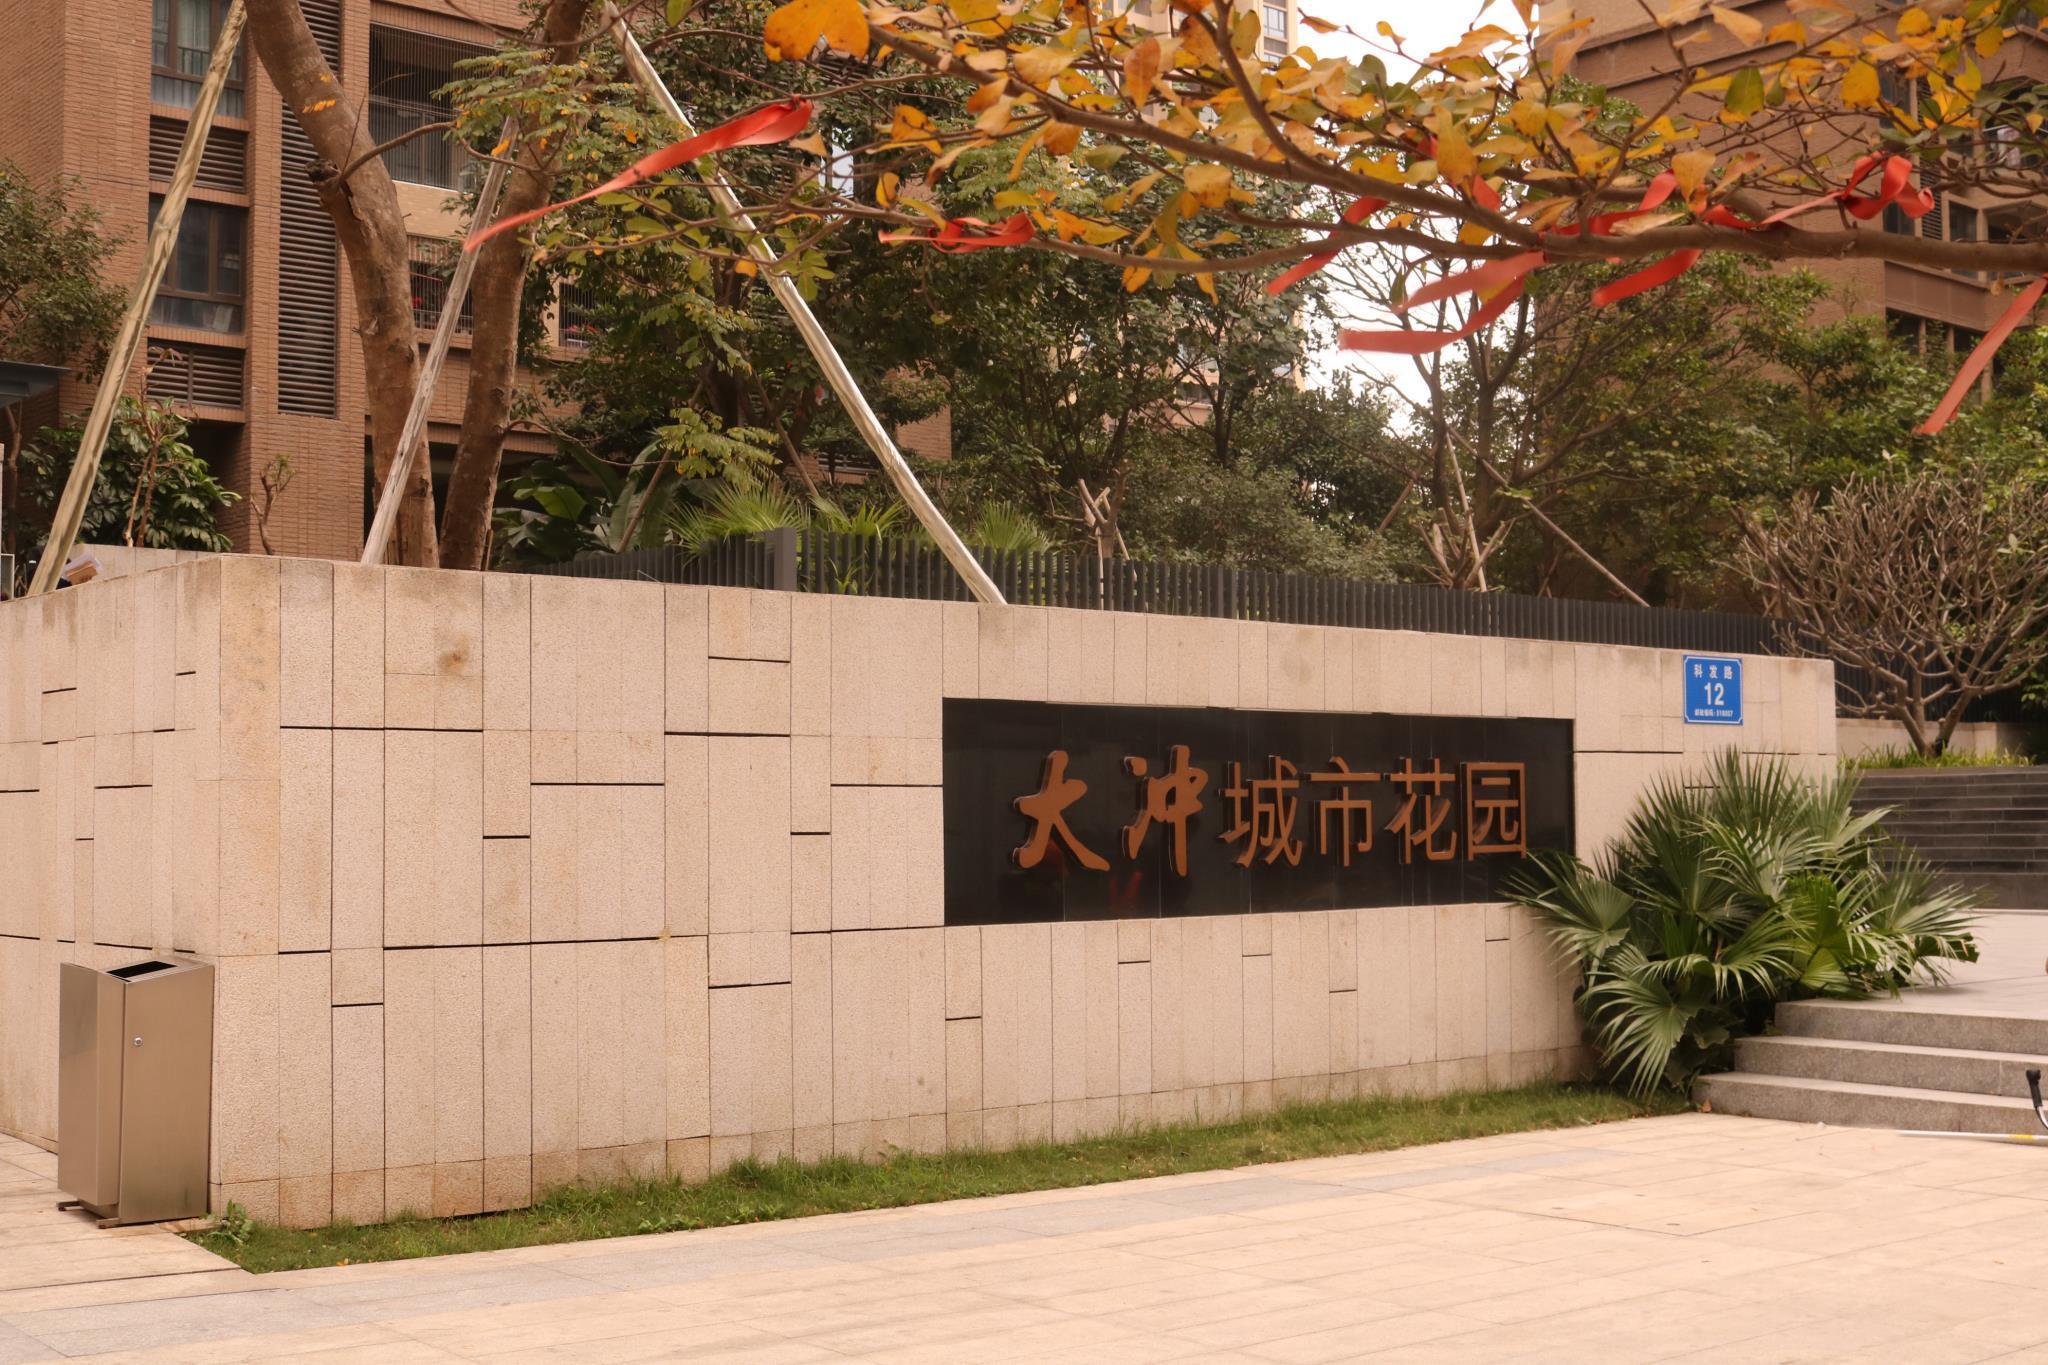 Xiangjia Minsu